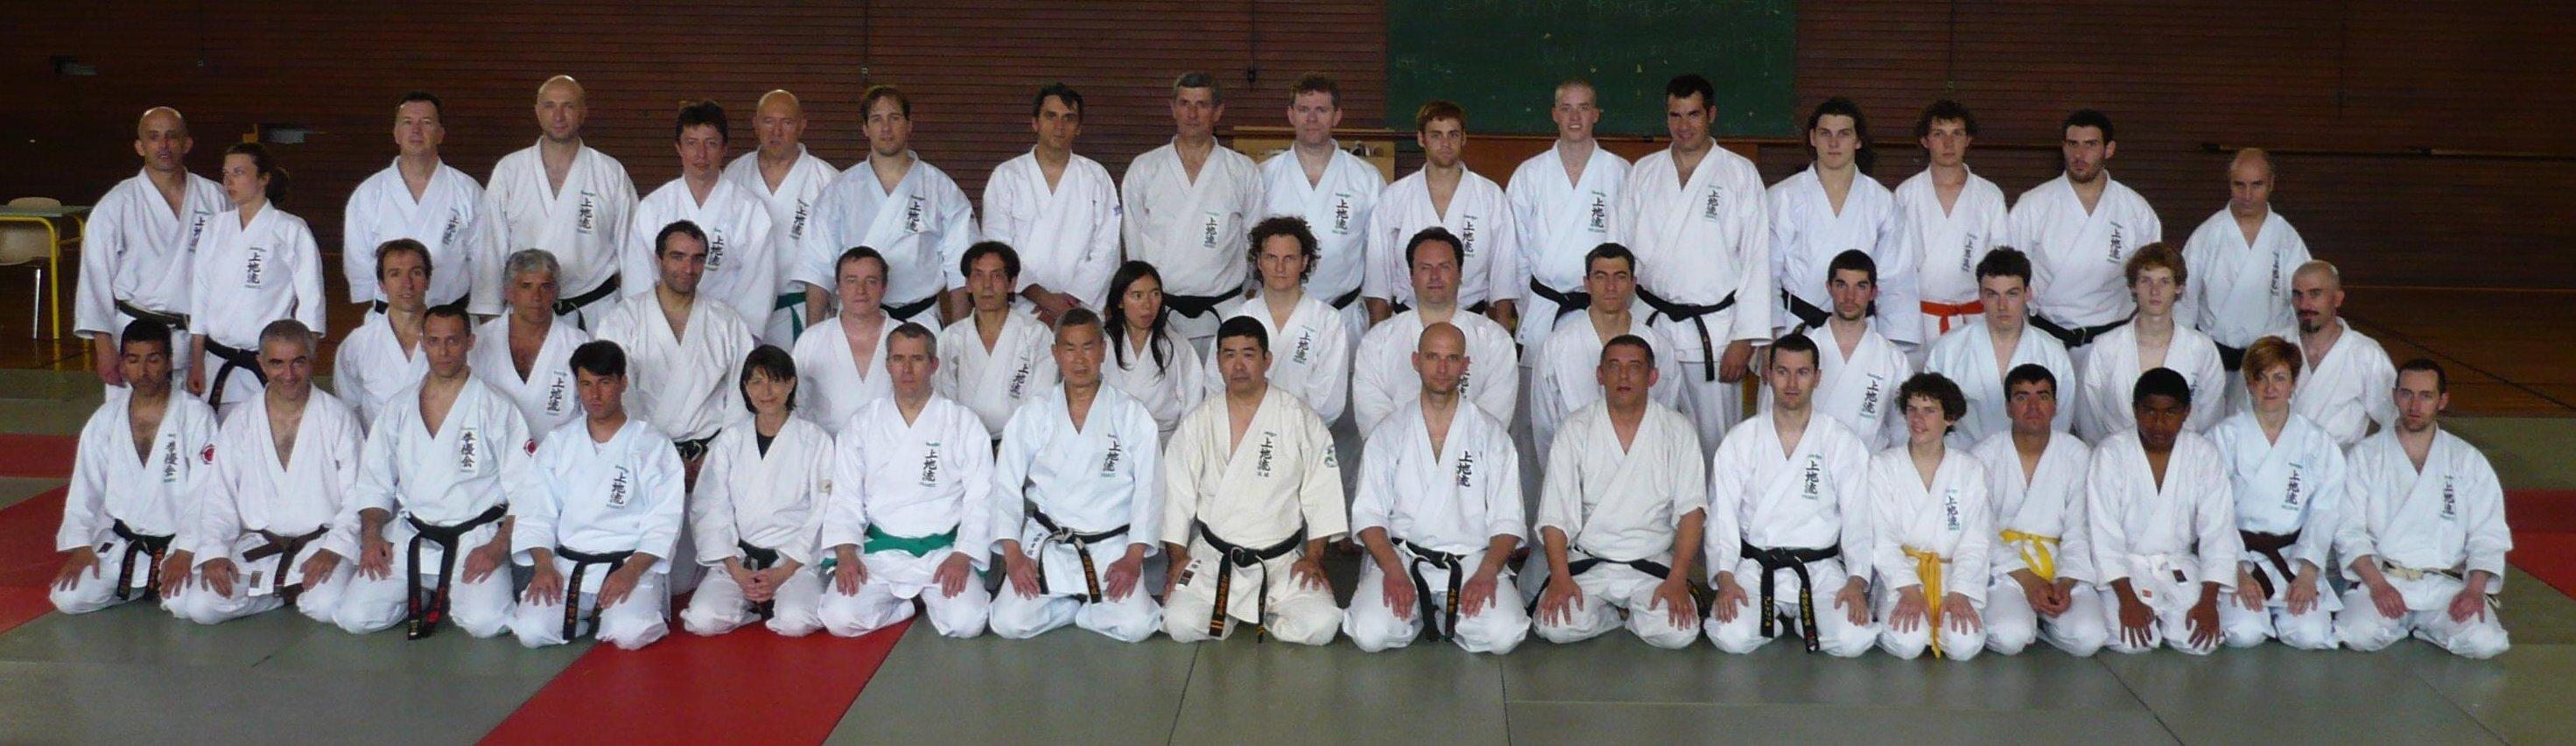 Stage de Karaté dirigé par Maître Haruyoshi Shimabukuro le 15 mai 2010